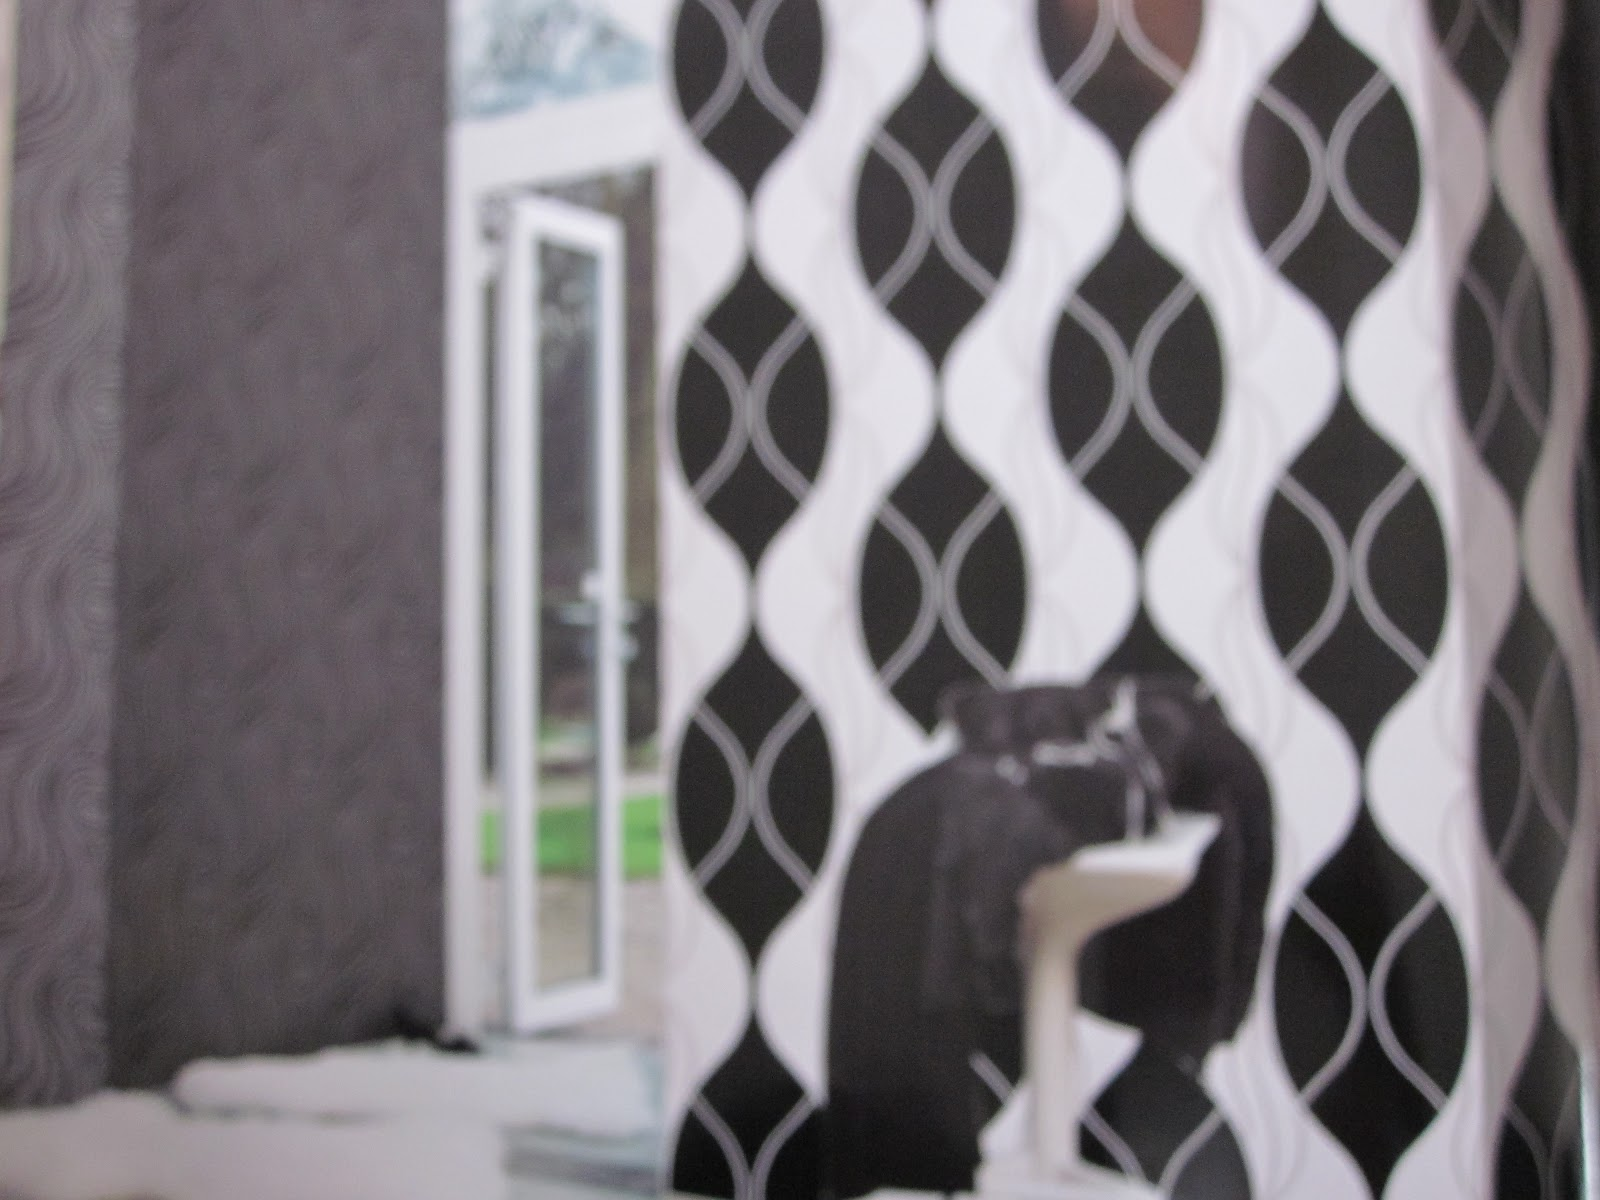 Contoh Gambar Wallpaper Dinding Minimalis Murah MODEL RUMAH 1600x1200